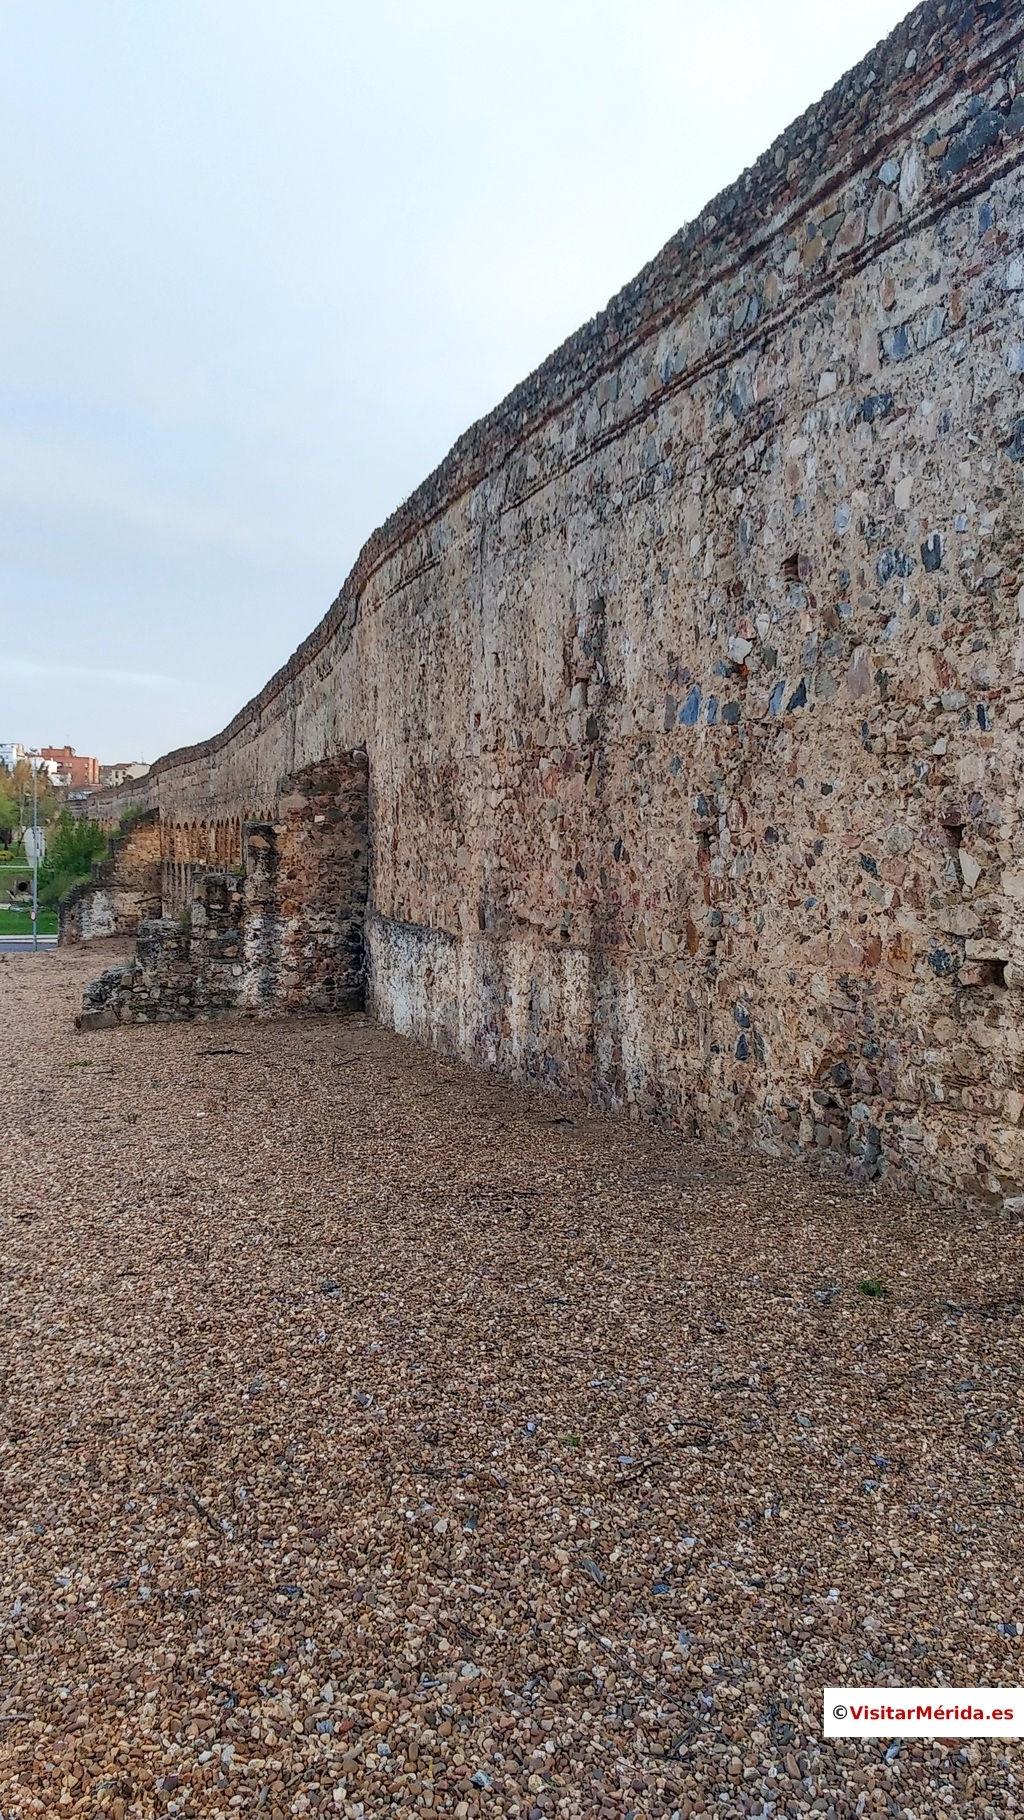 acueducto San Lázaro Rabo de buey Mérida pared maciza